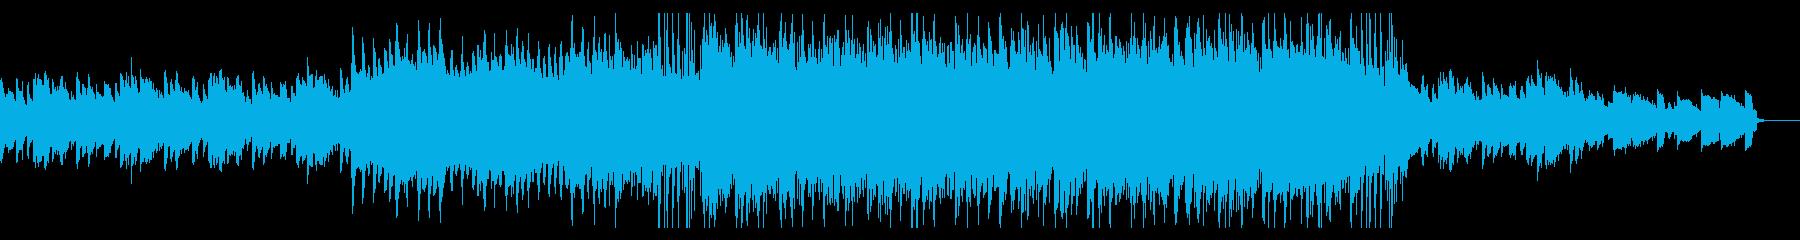 企業向けのアコギが特徴的なBGMの再生済みの波形